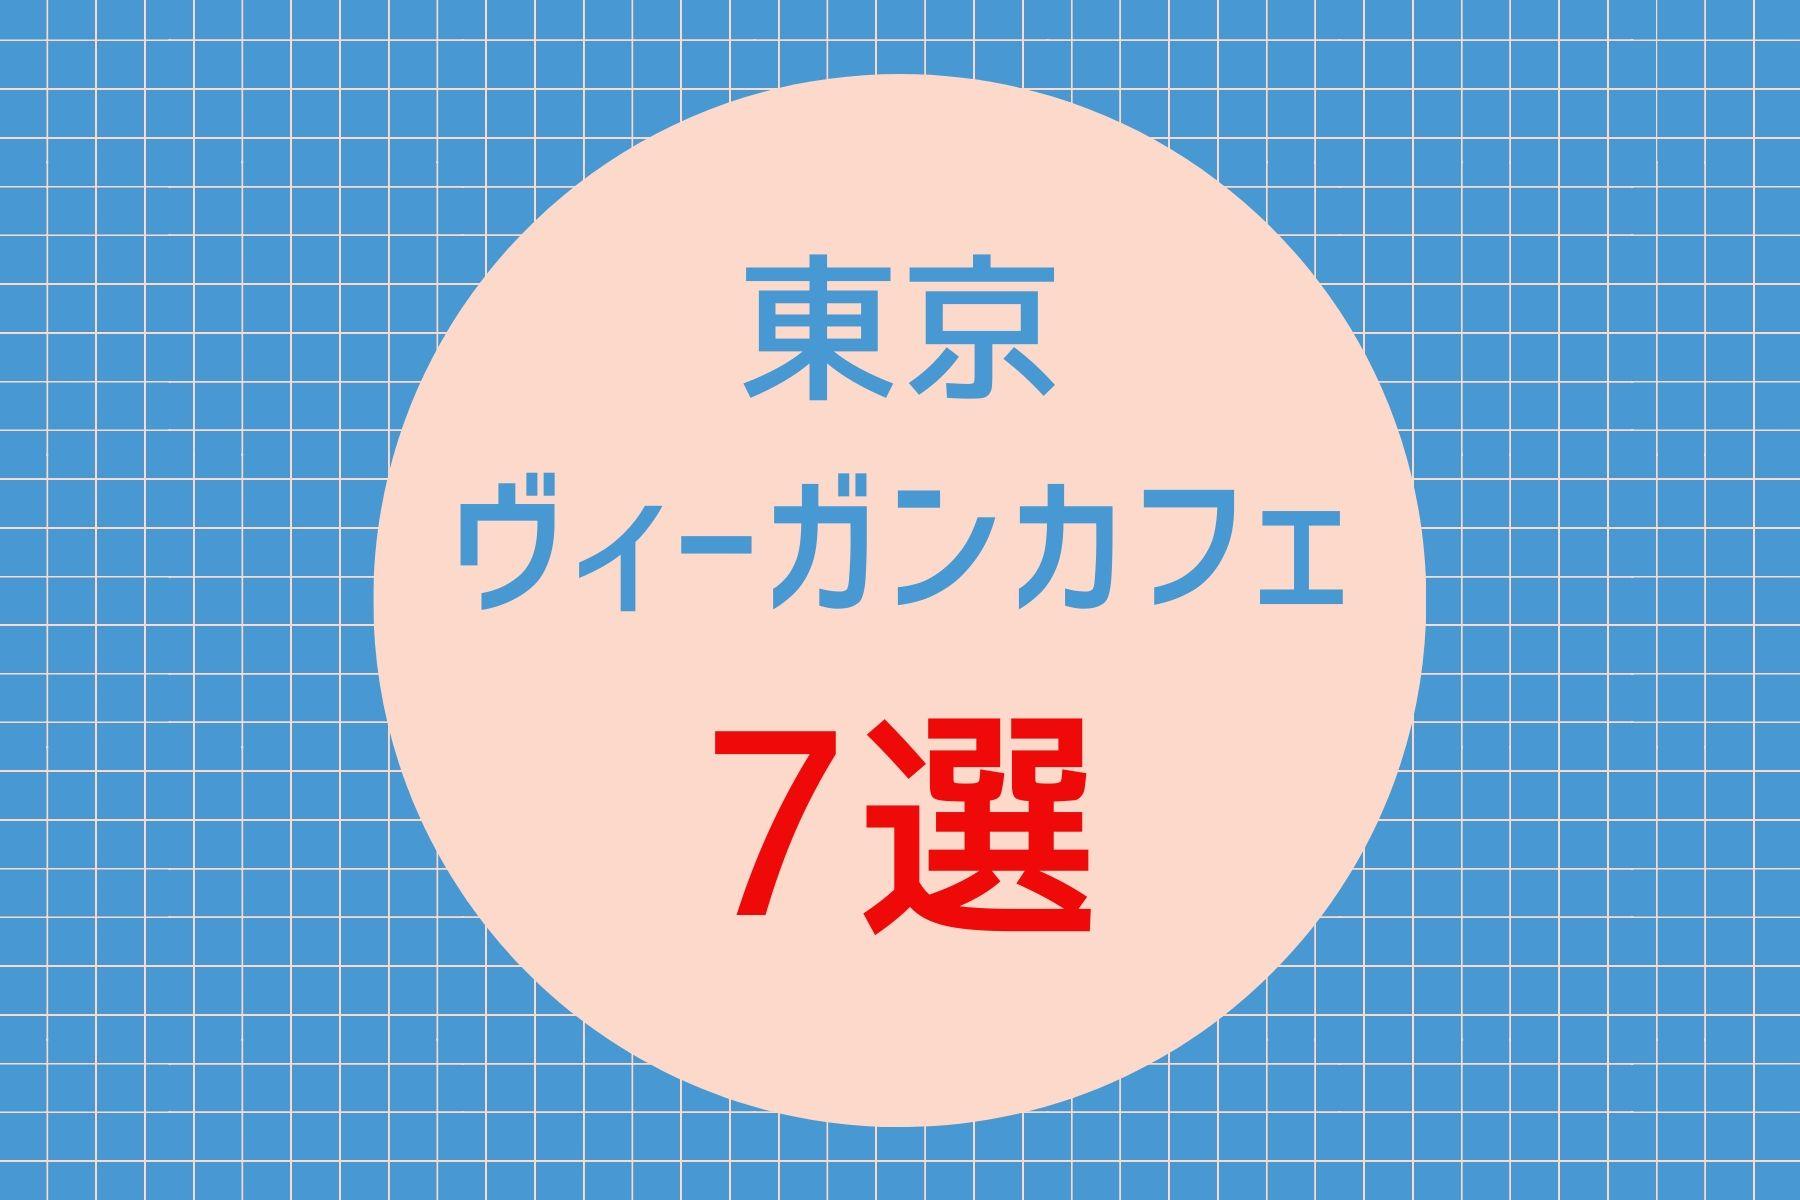 東京のヴィーガンカフェおすすめ7選|マップ付きでわかりやすくご紹介!